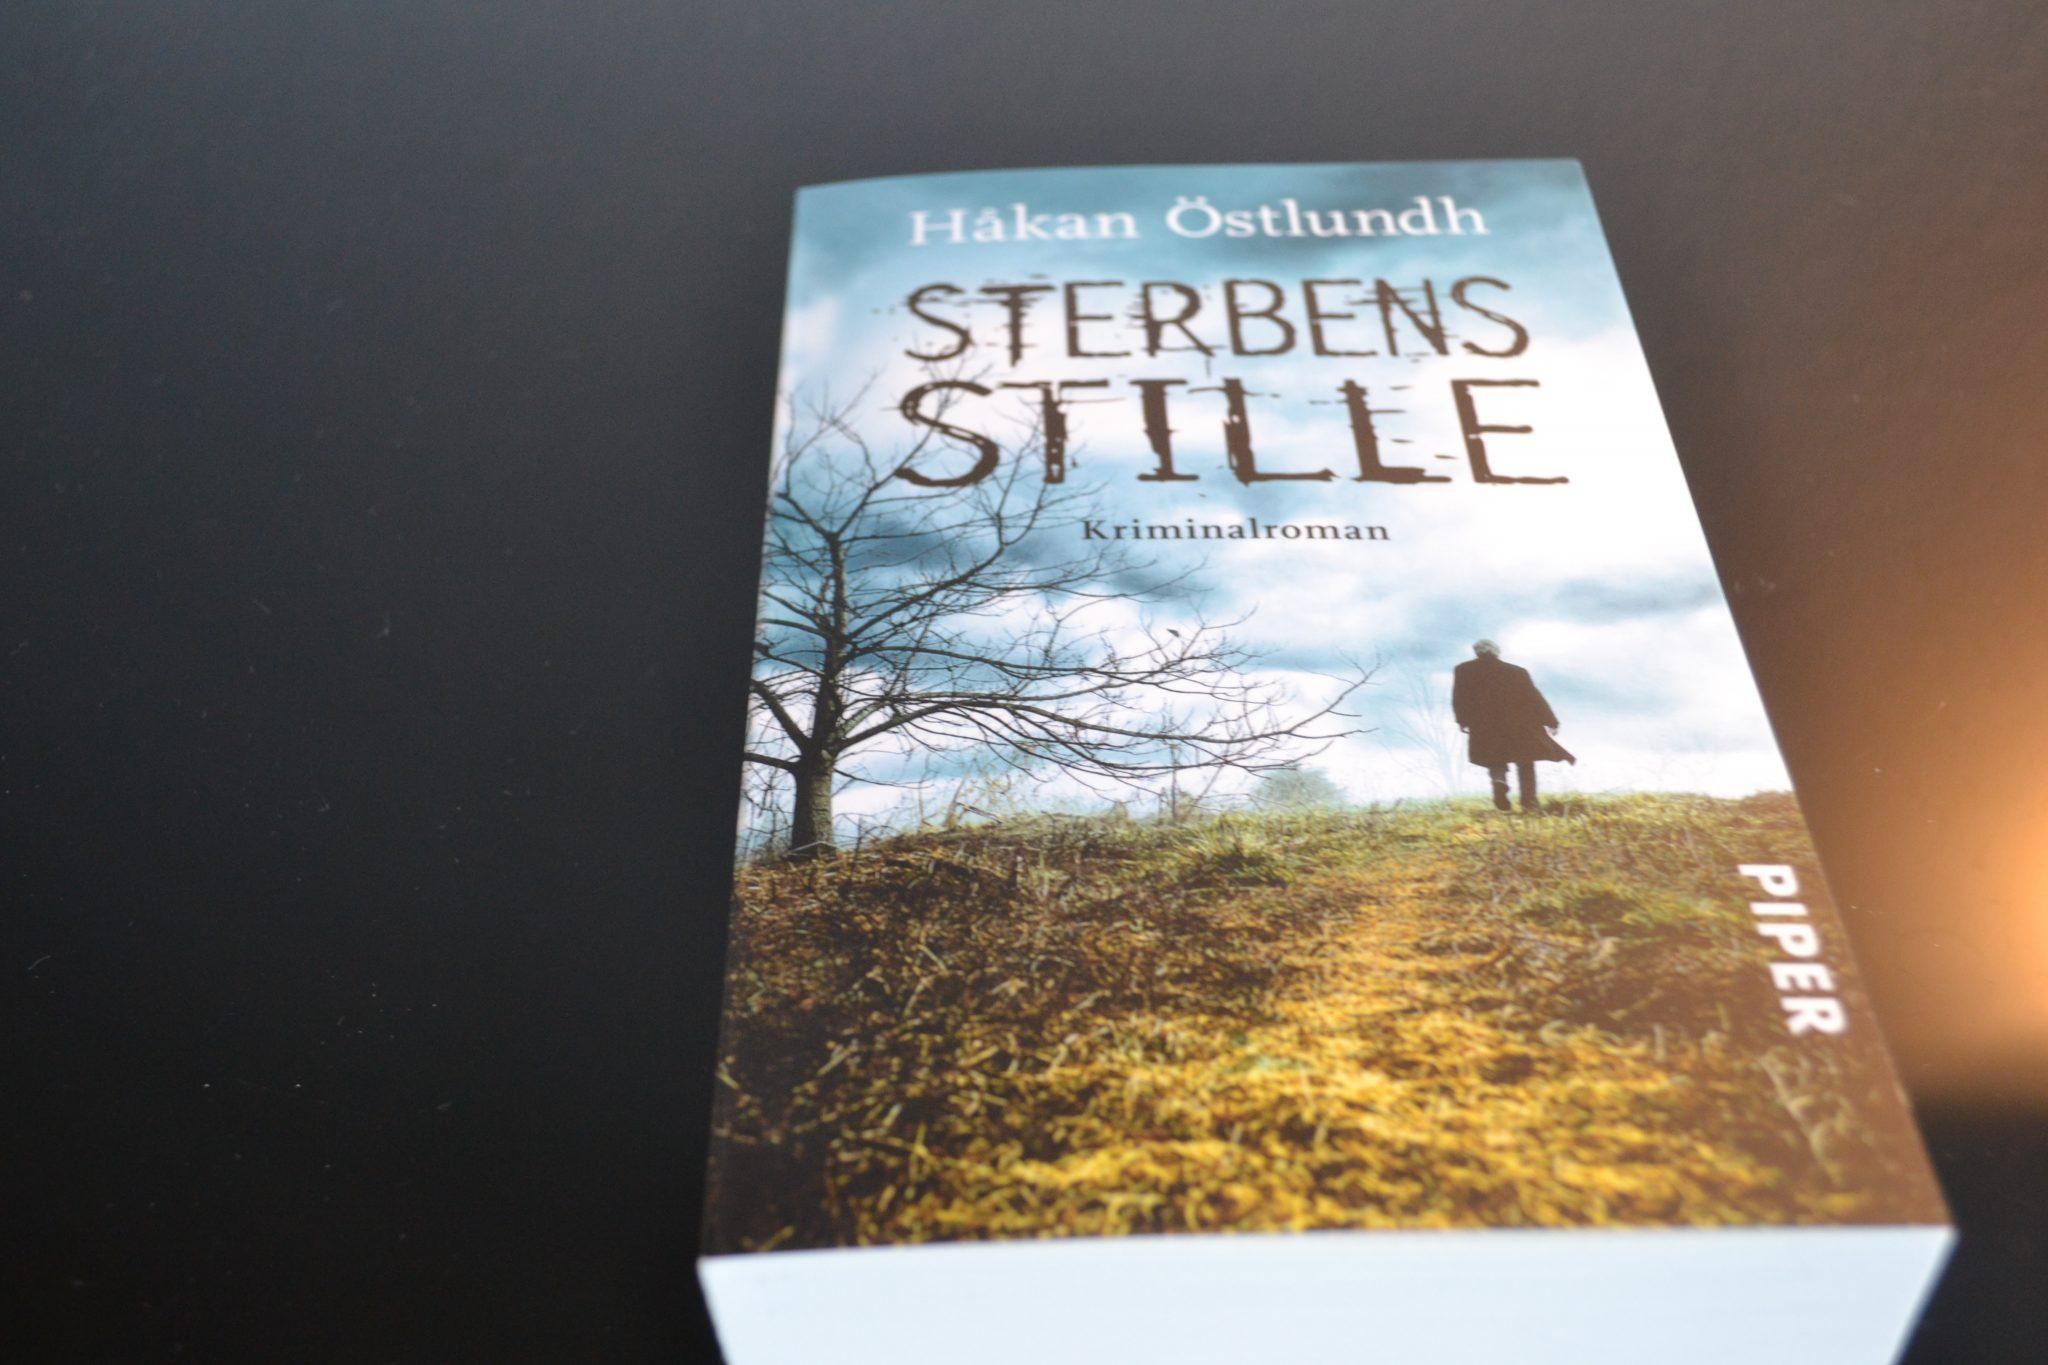 Books: Sterbensstille | Håkan Östlundh - DSC 0009